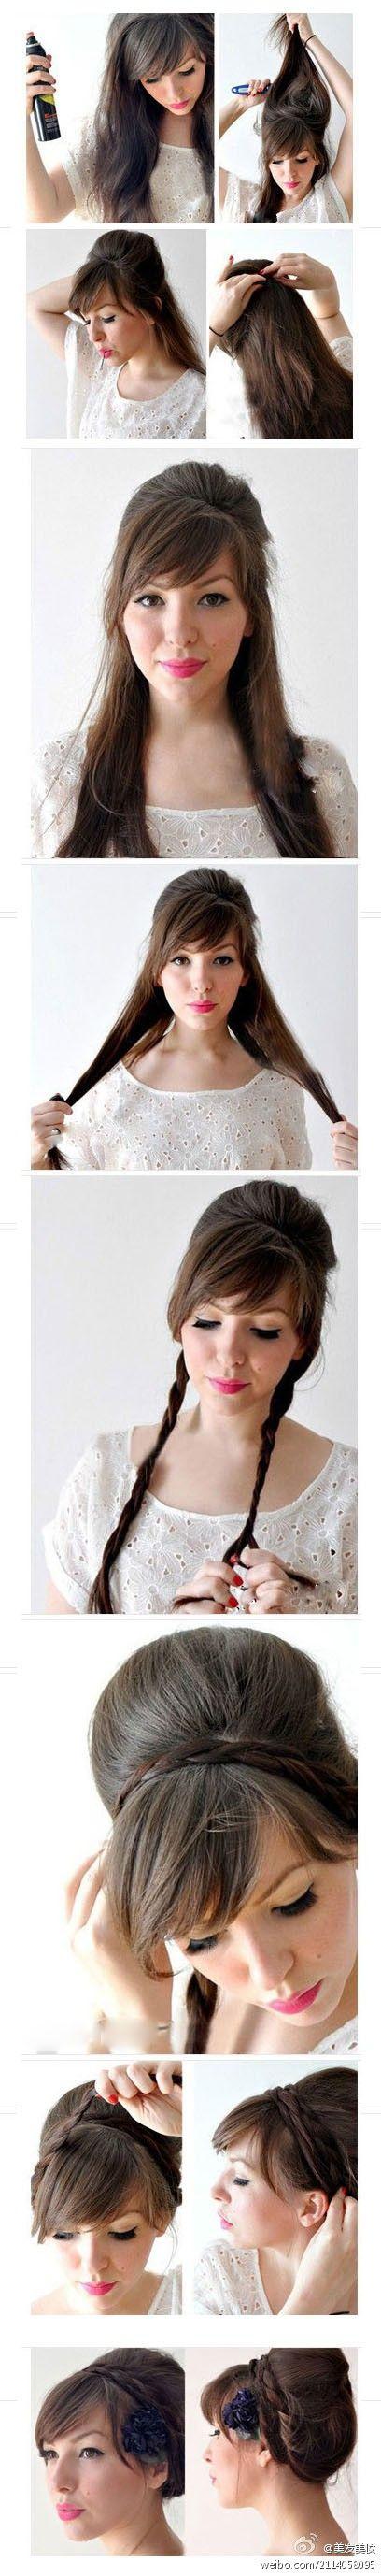 best Peinados y accesorios para el cabello images on Pinterest